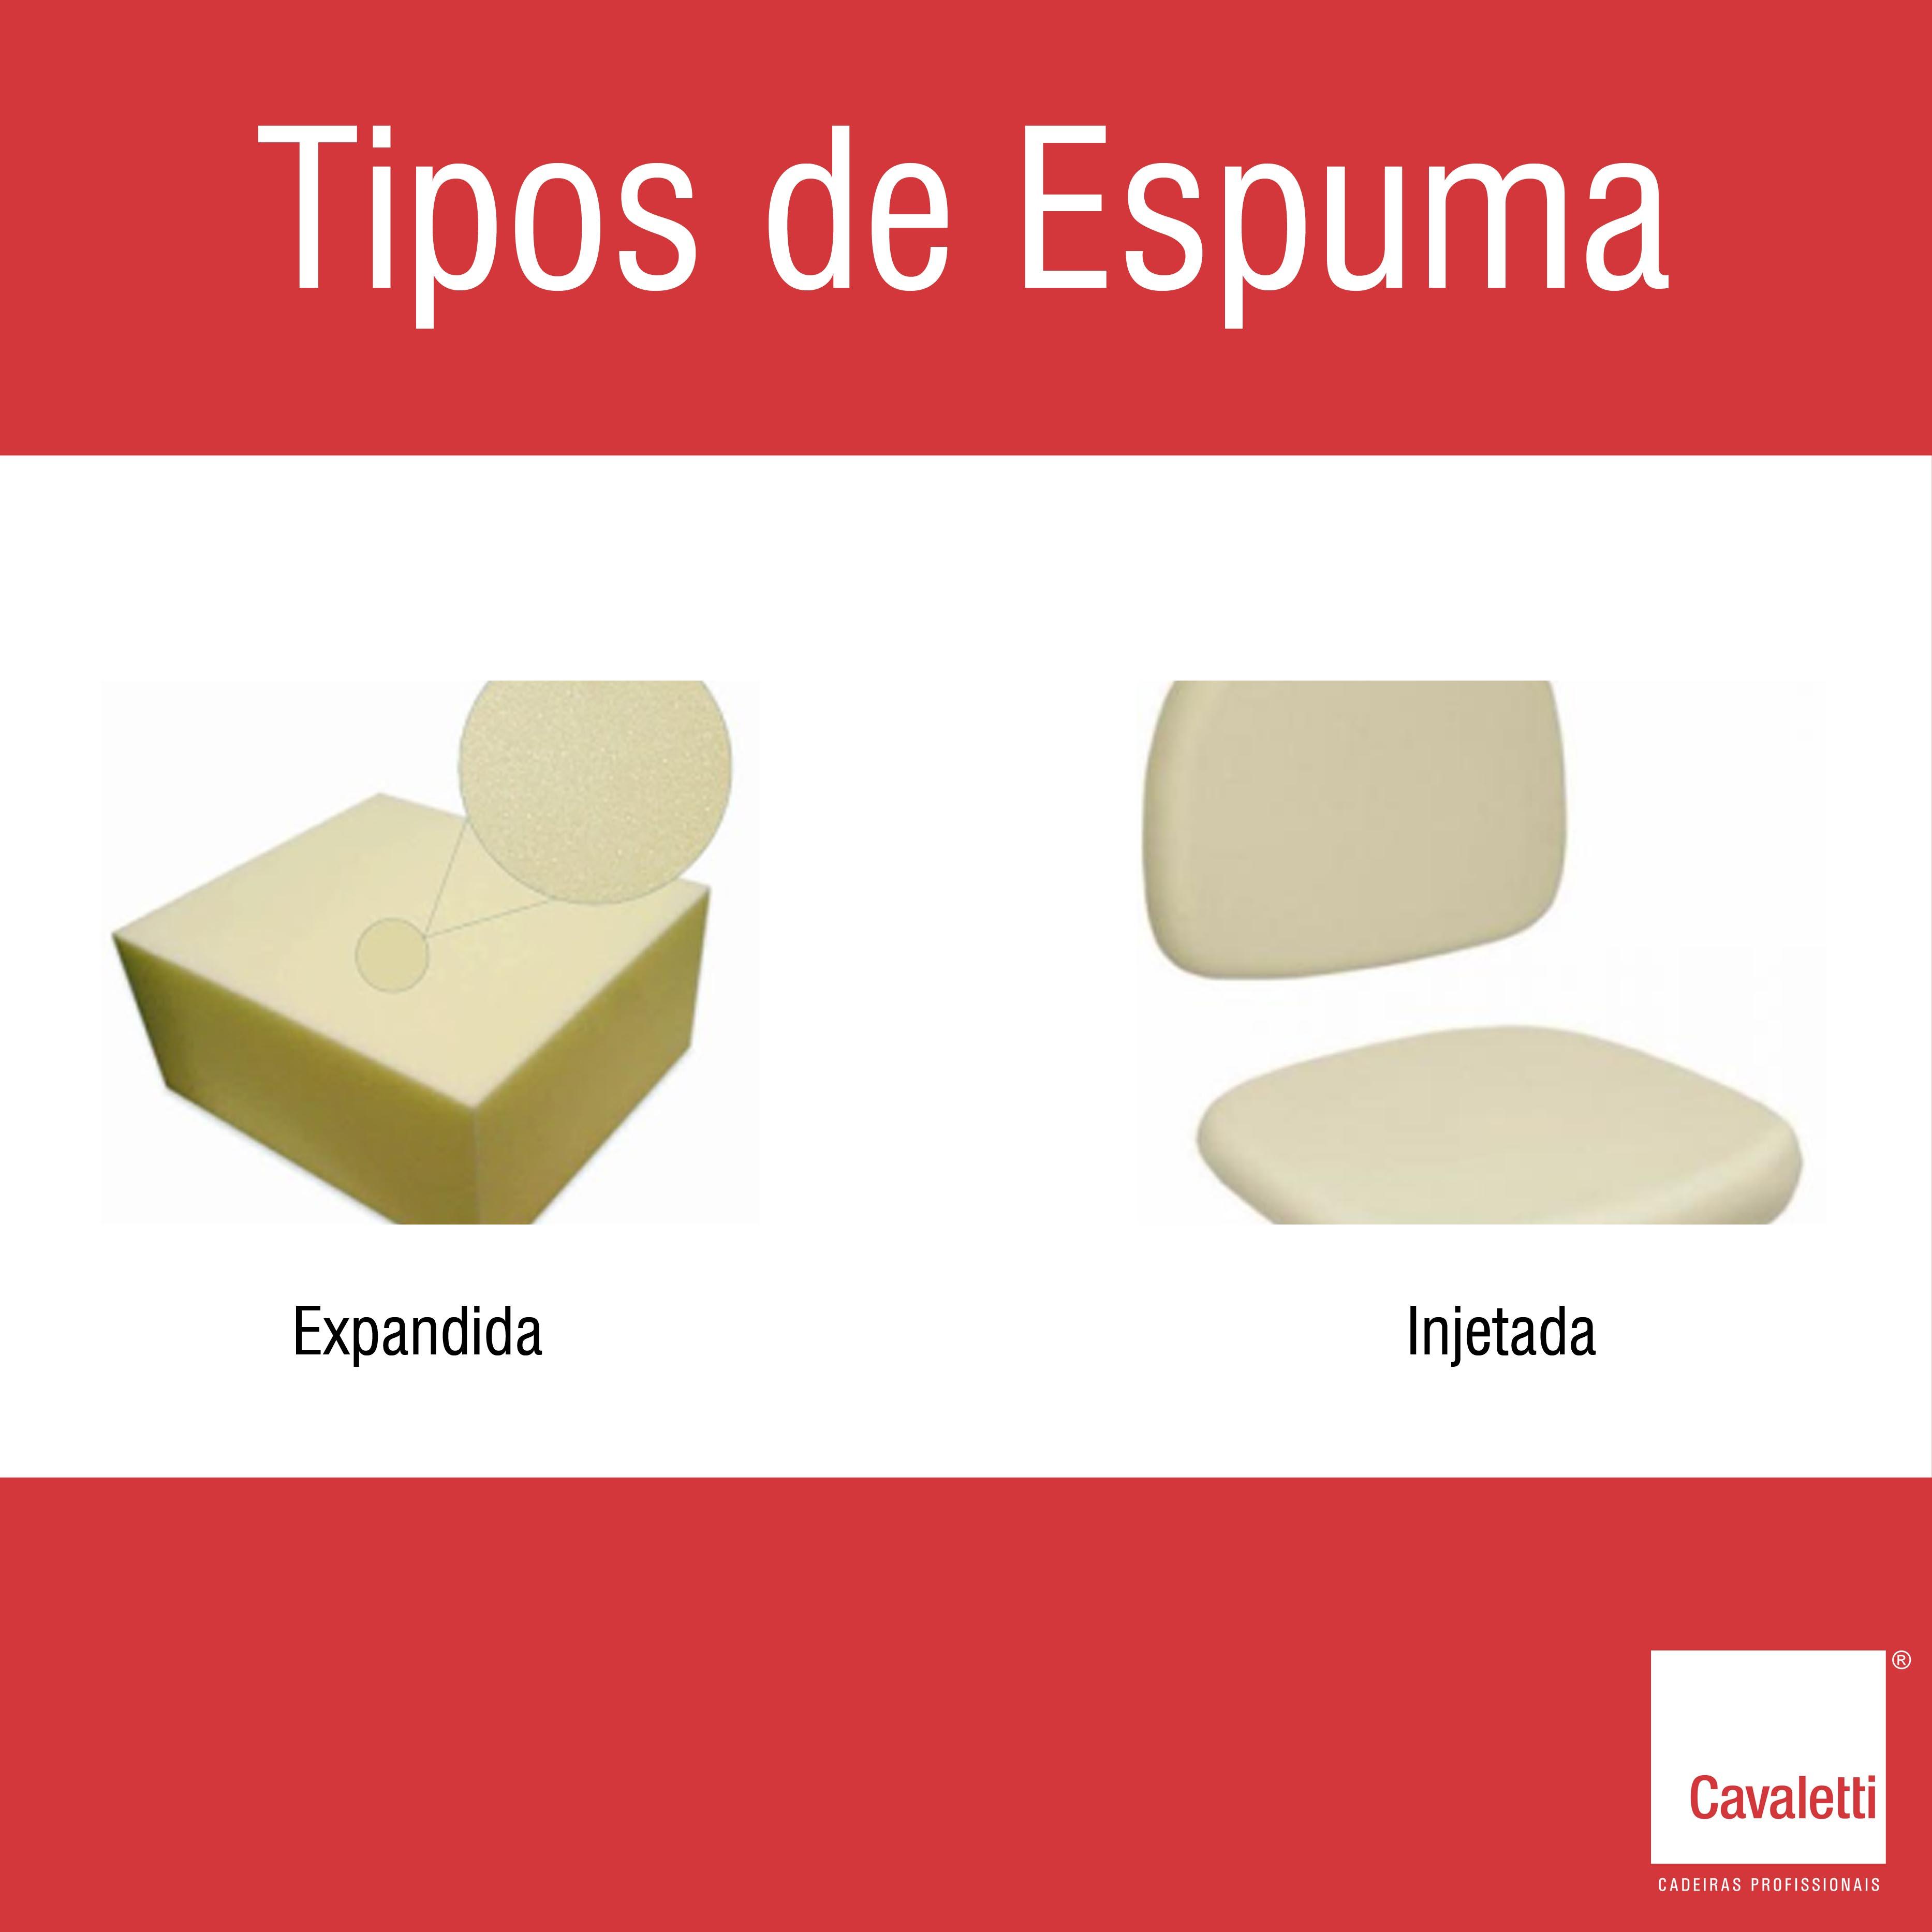 Tipos de Espuma